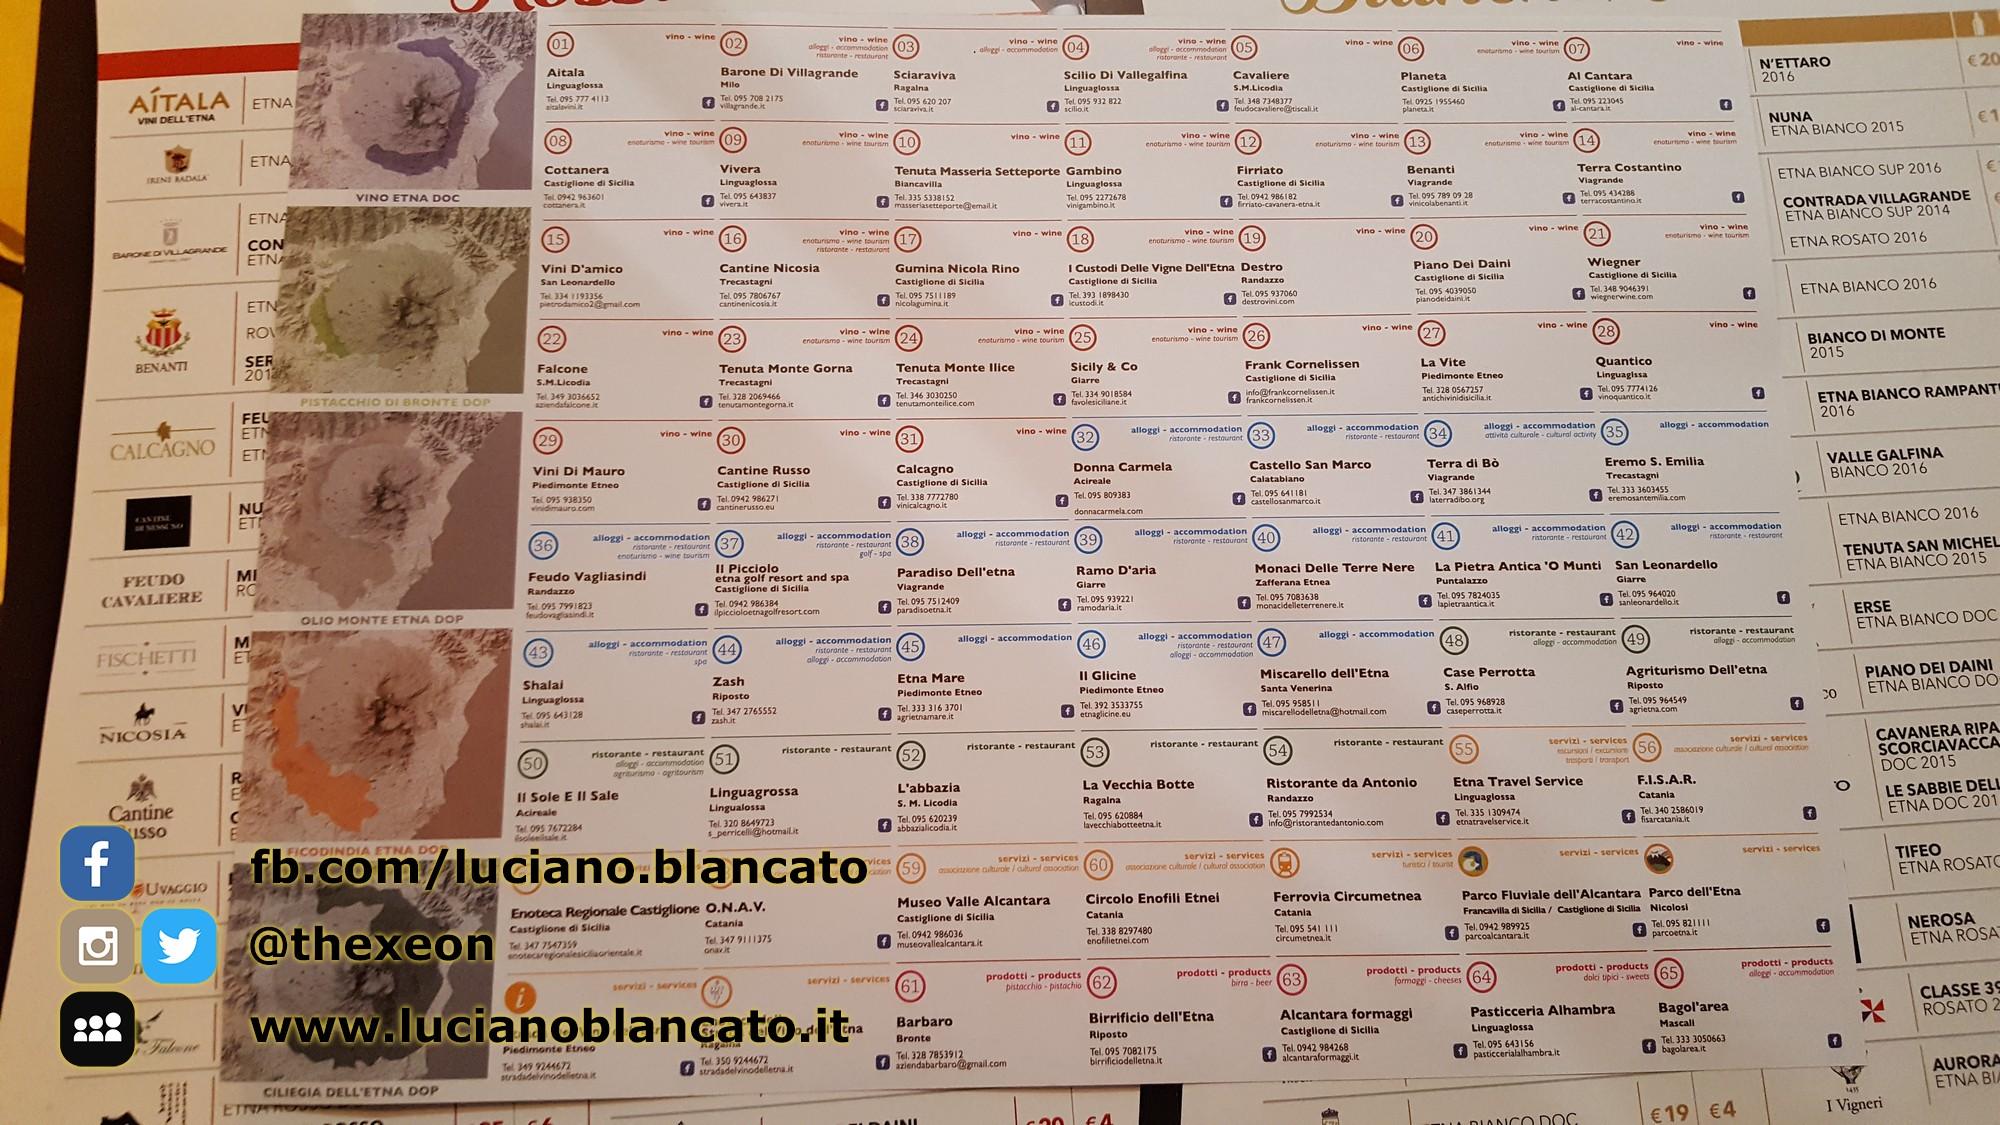 ViniMilo 37a edizione - Strade del vino dell etna